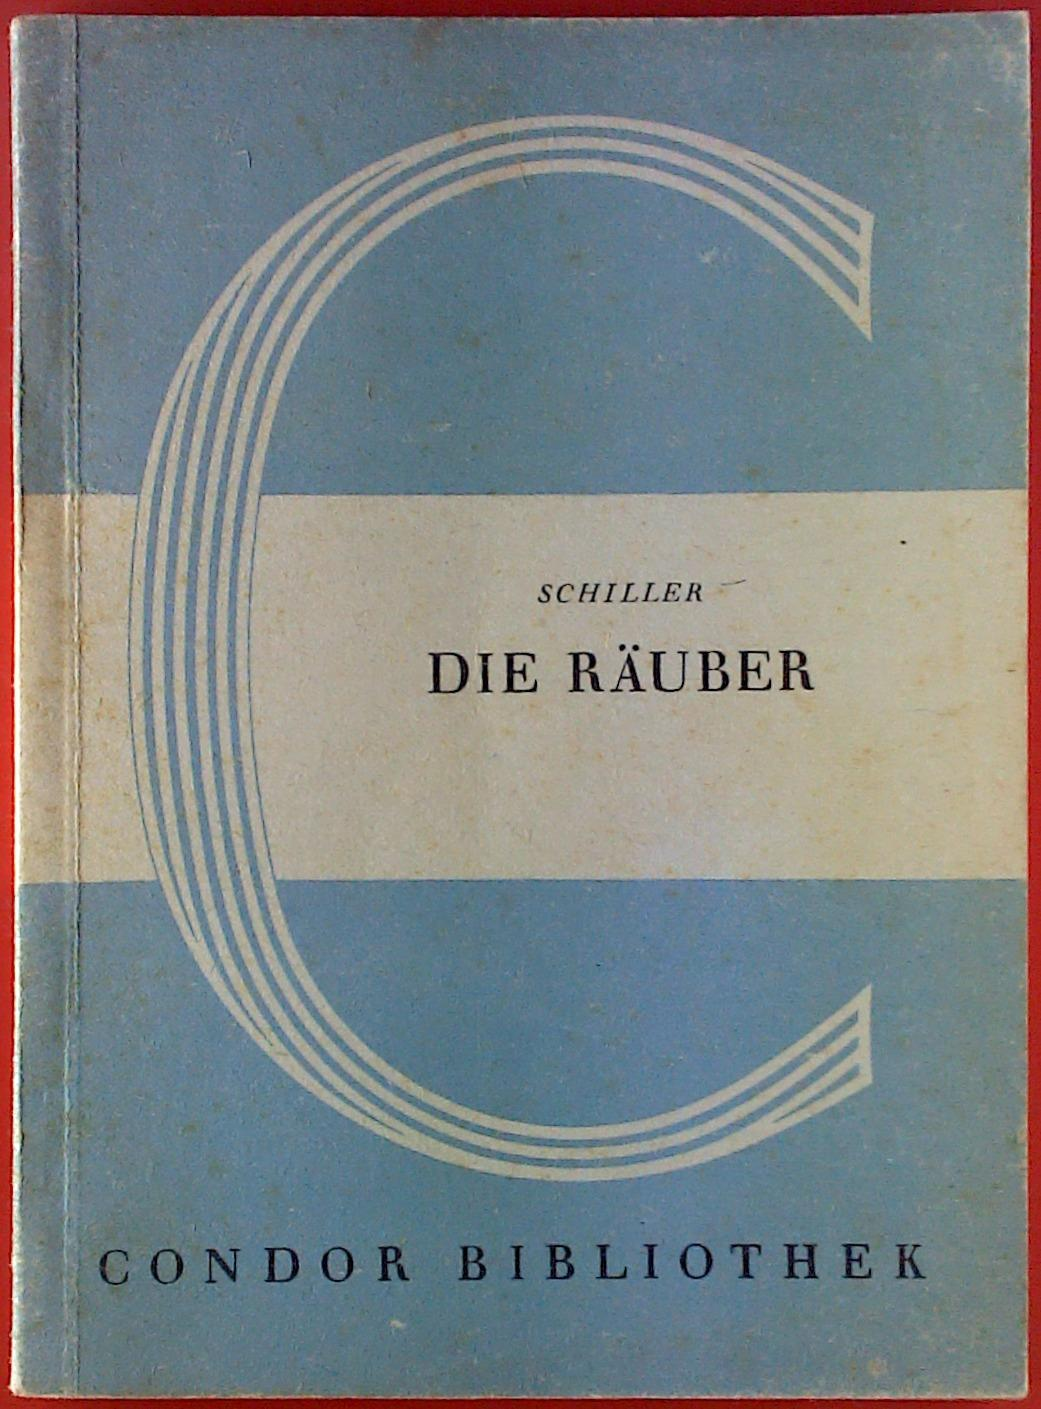 Die Räuber. Schauspiel. Condor Bibliothek 13: Schiller